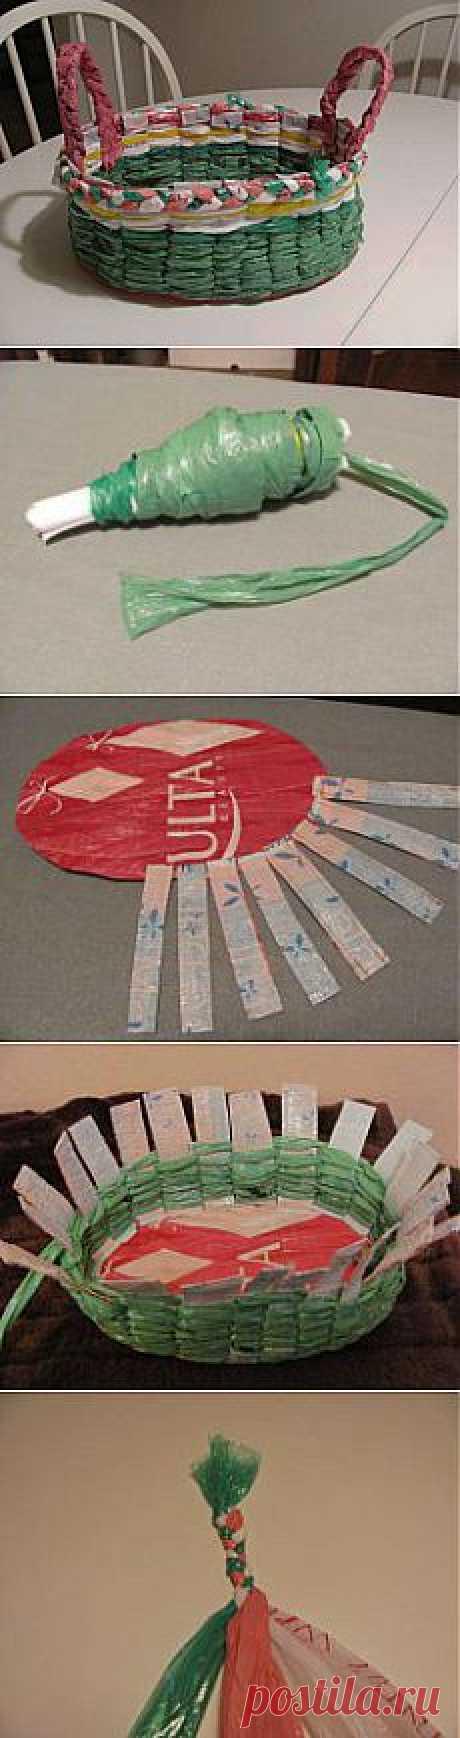 Пасхальная корзинка из пакетов и бумаги как сделать своими руками